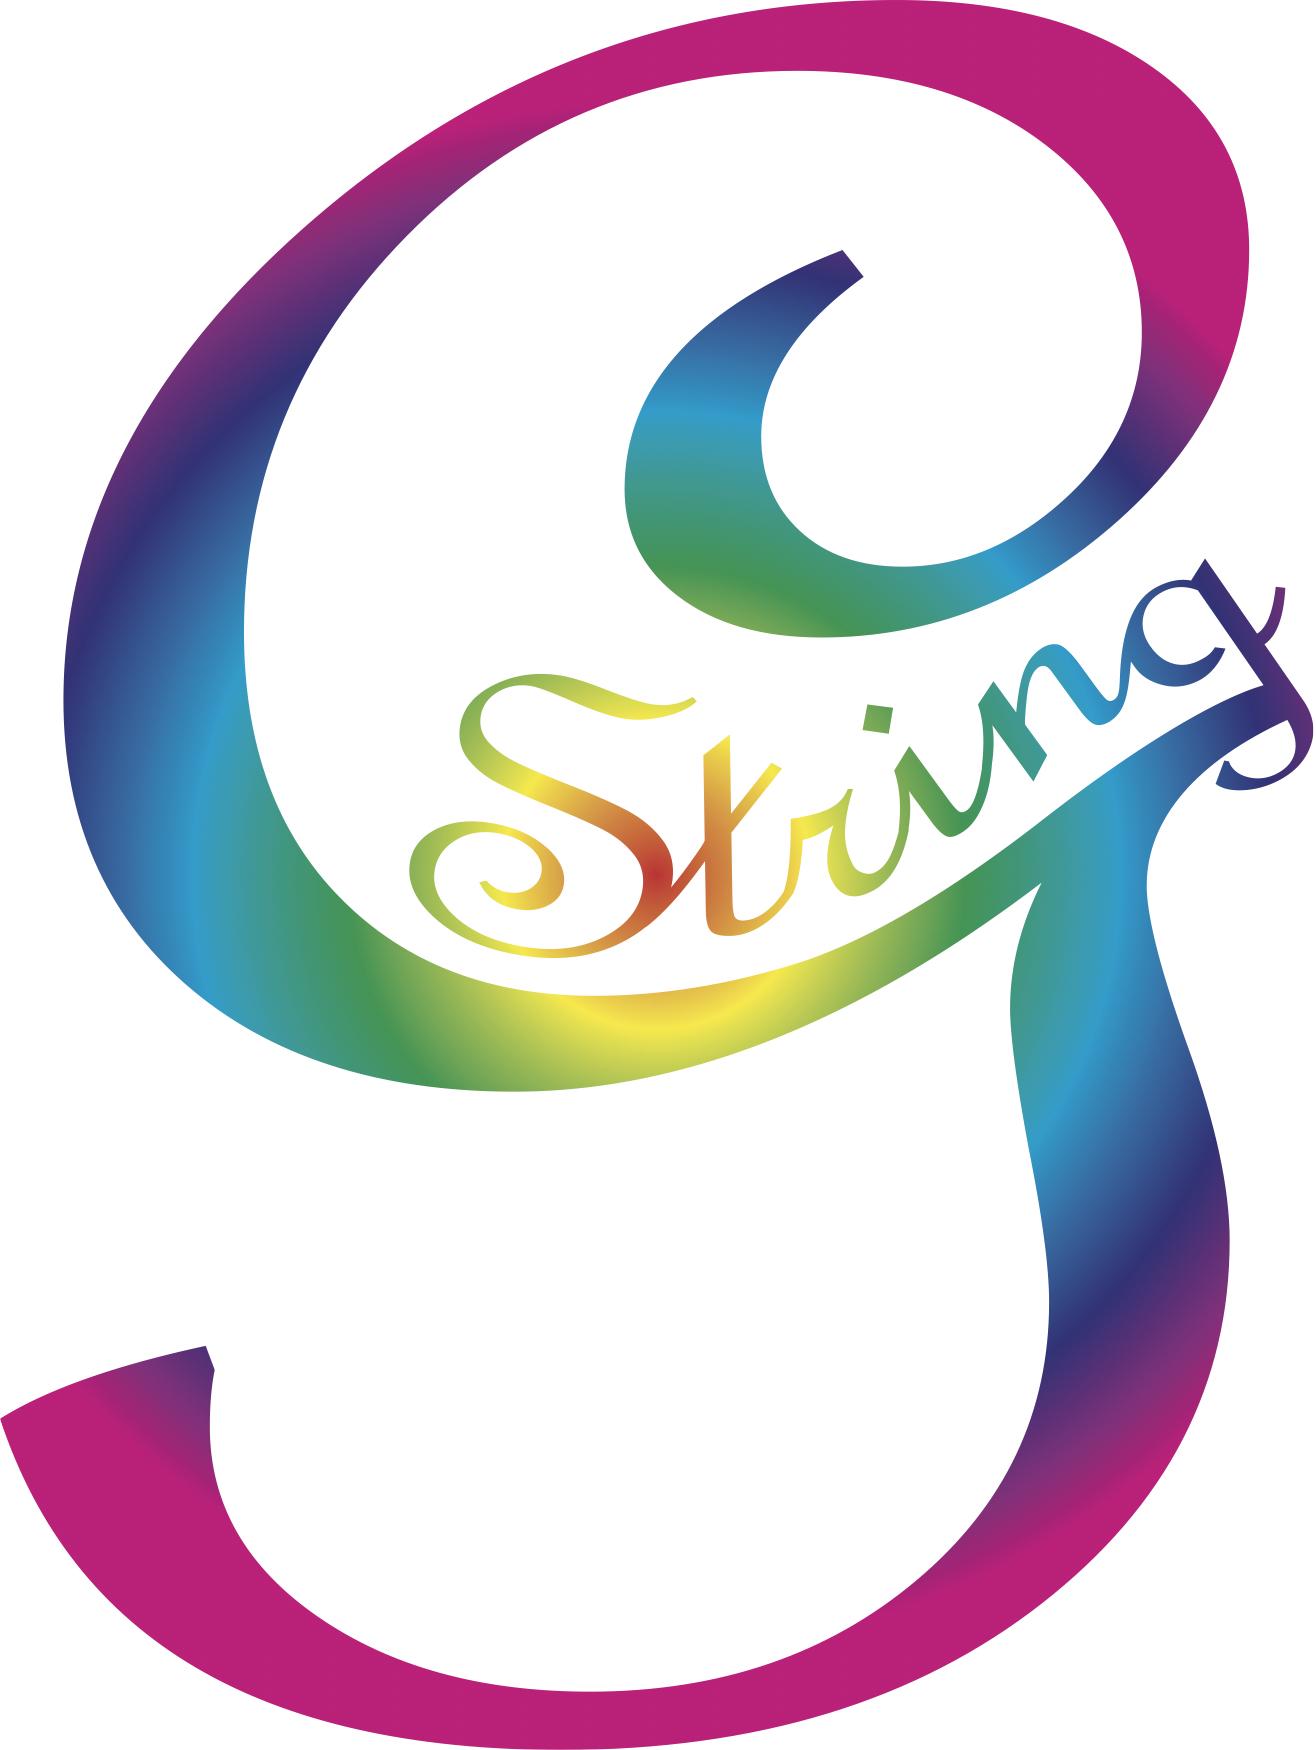 yoyoGstring